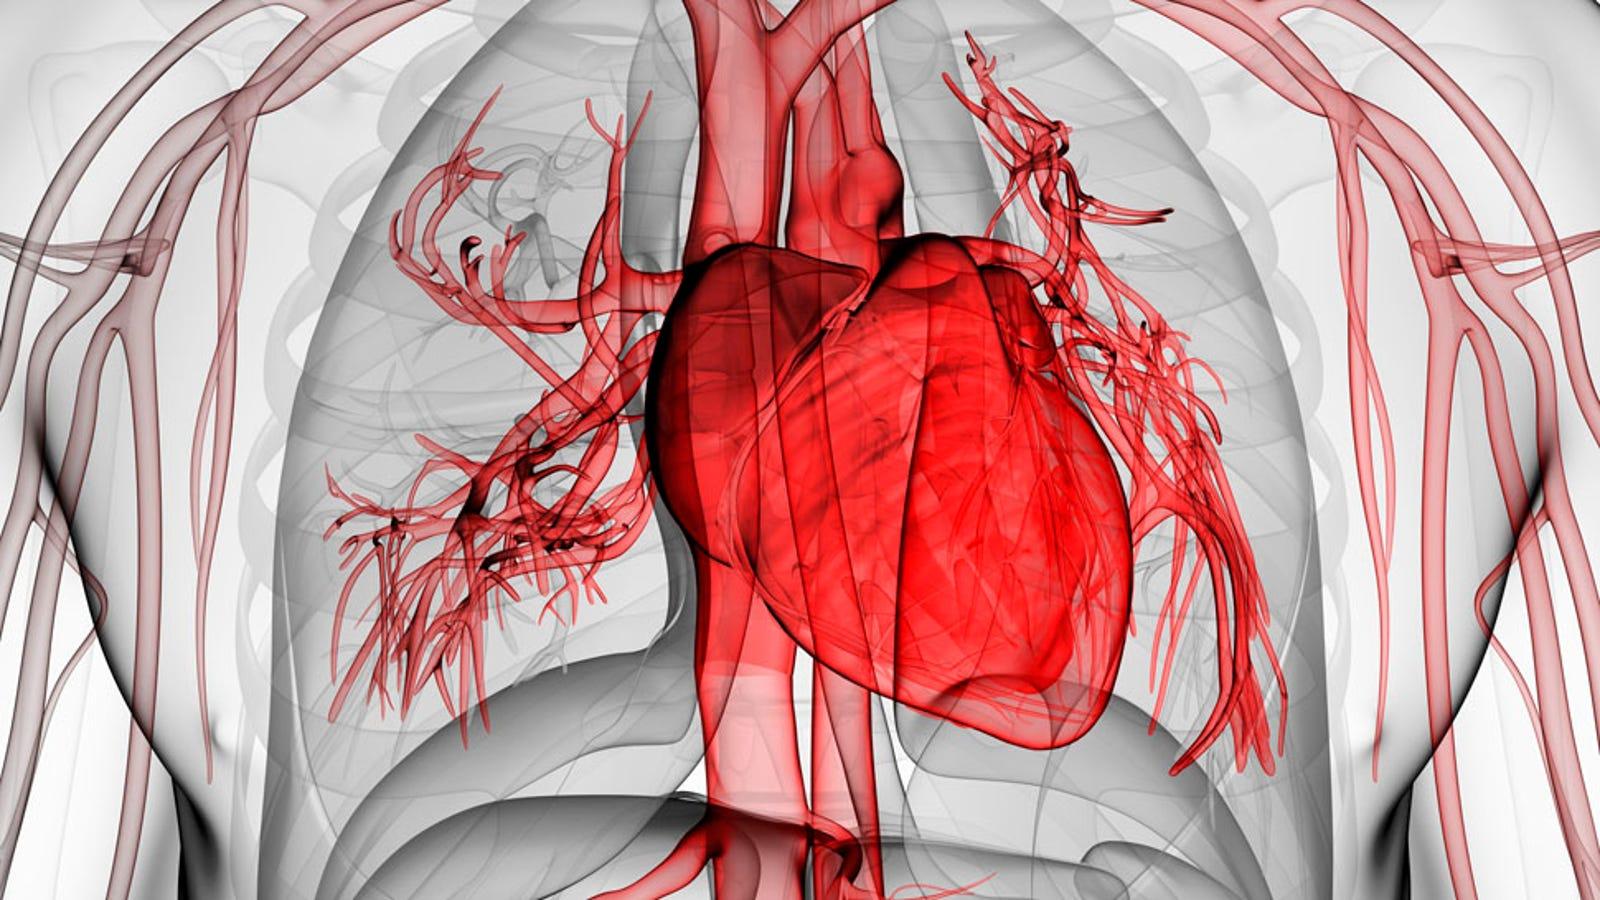 Científicos logran cultivar tejido cardíaco que late por sí mismo